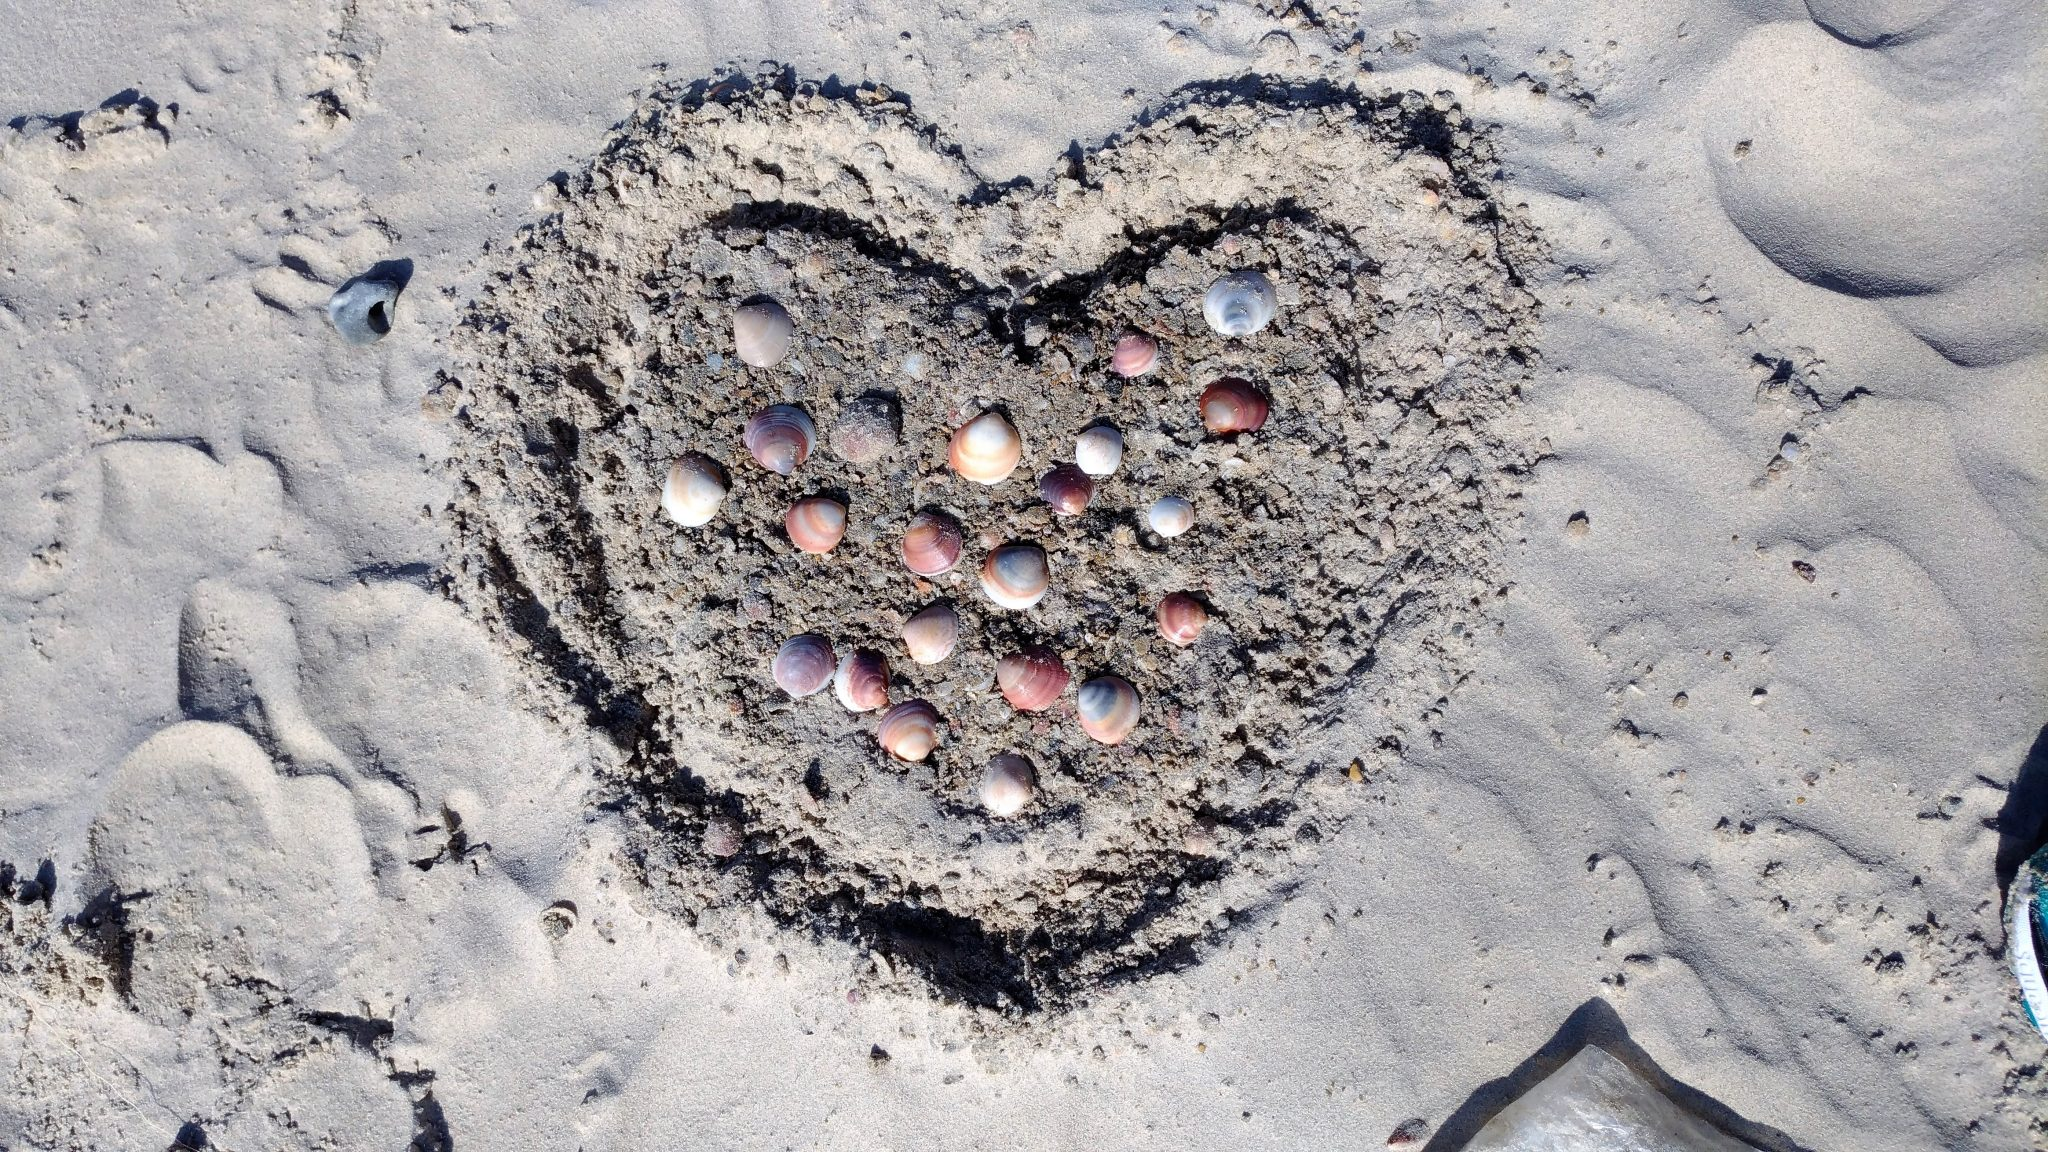 """צדפי לבו של האדם... (יצירה של תלמידות בית יעקב פרי תואר מאלעד) בחוף טיילת שפך נחל חדרה (צילום: ד""""ר ענת אביטל)"""